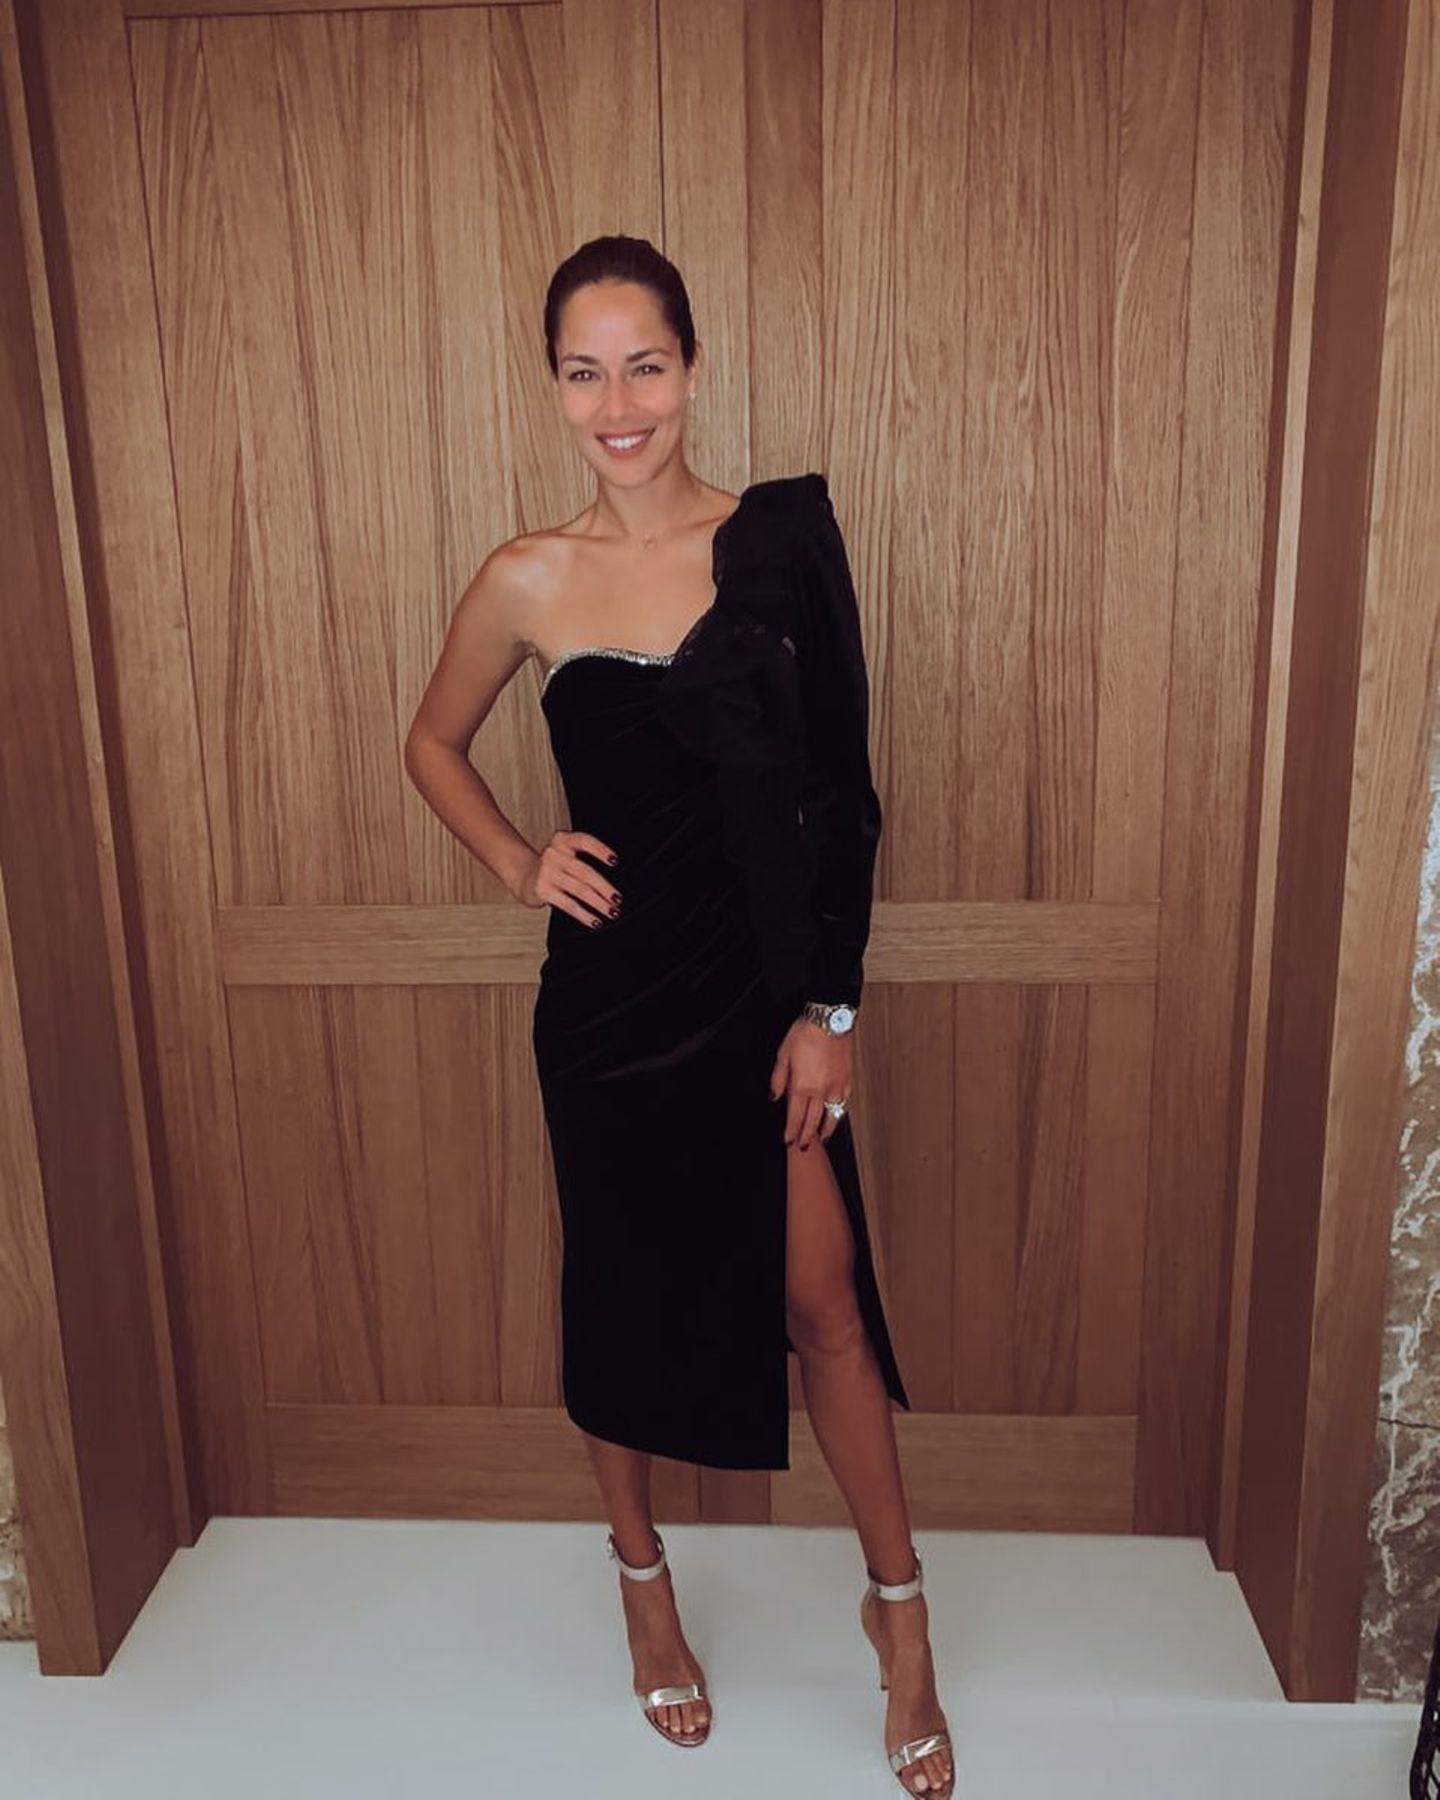 Ana Ivanovic liefert ihren Fans beinahe täglich neue Fashion-Inspiration. Und auch zum Jahreswechsel präsentiert sich die 33-Jährige in einem sexy Dress, in das wir uns sofort verliebt haben. Denn es besticht mit gleich zwei Besonderheiten: Der One-Shoulder-Schnitt mit Volants betont die schlanke Schulterpartie von Ana, wohingegen der hohe Beinschlitz einen weiteren sexy Fokus setzt. Bei soviel Raffinesse können wir unsere Augen kaum von der hübschen Zweifach-Mama abwenden - Bastian Schweinsteiger geht es mit Sicherheit ähnlich.